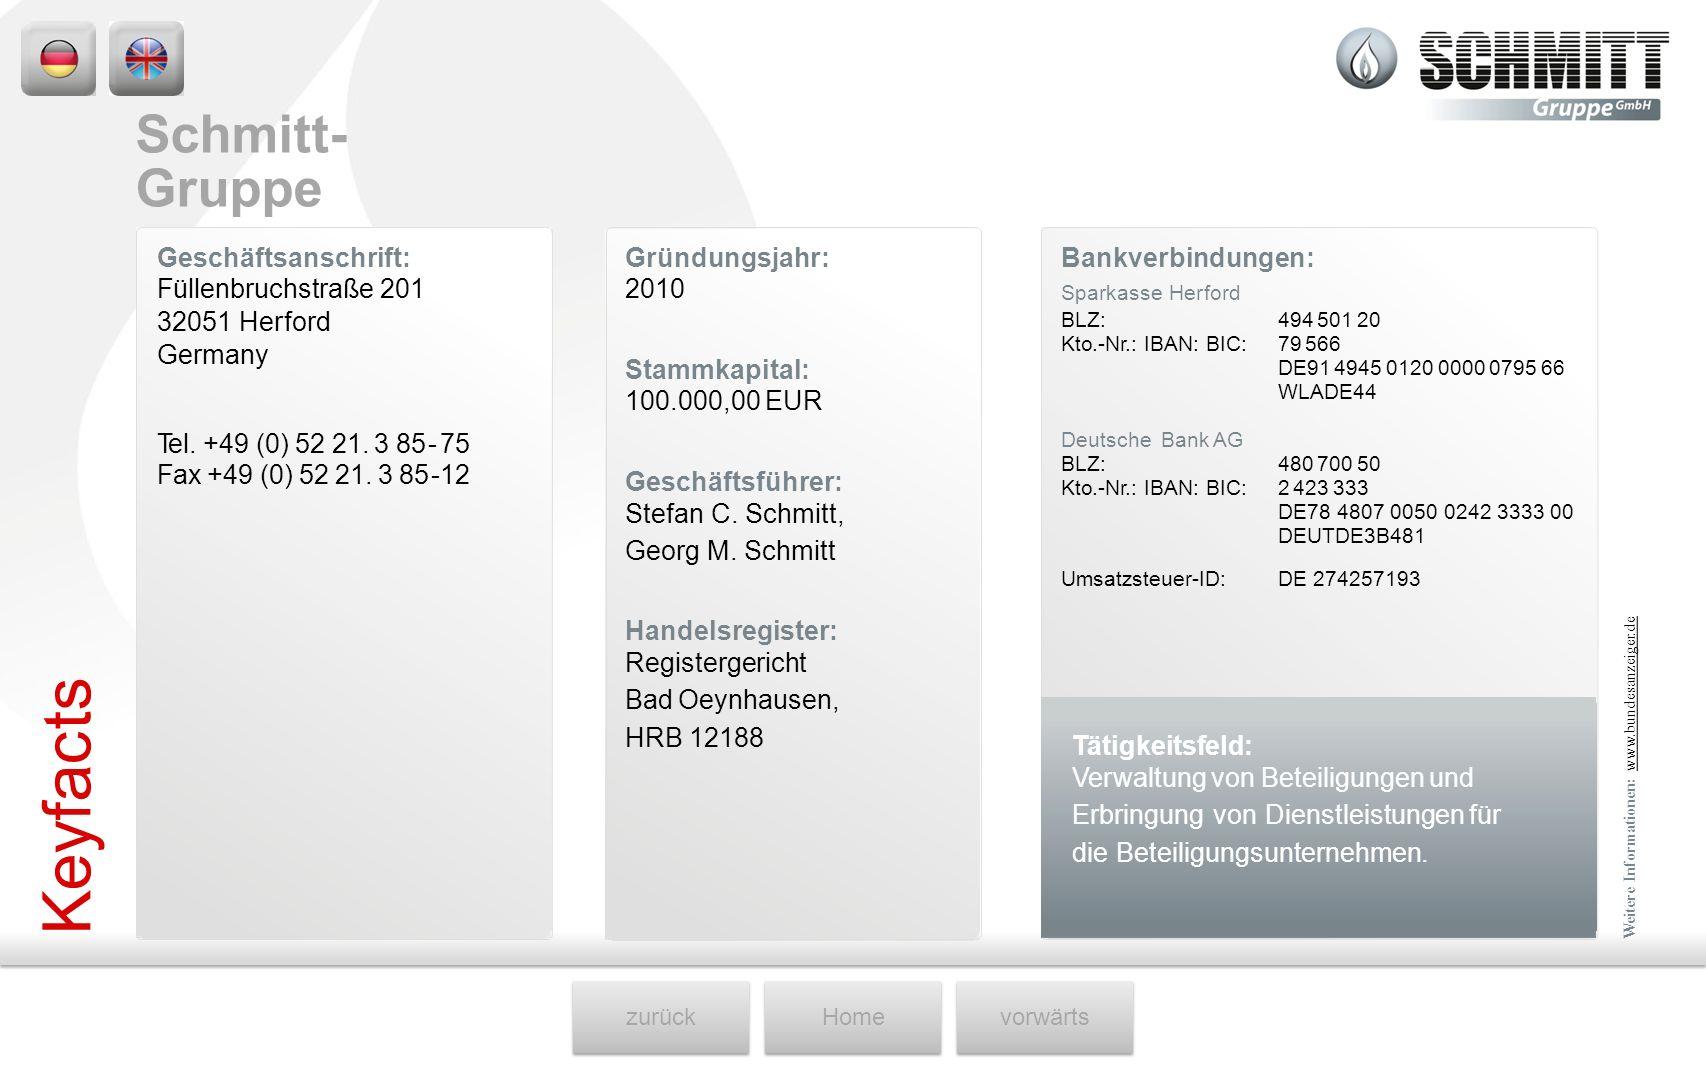 zurückHomevorwärts Geschäftsanschrift: Füllenbruchstraße 183 32051 Herford Germany Gründungsjahr: 1967 Bankverbindungen: Sparkasse Herford BLZ: Kto.-Nr.: IBAN: BIC/SWIFT: 494 501 20 47 100 DE84 4945 0120 0000 0471 00 WLAHDE44 Stammkapital: 26.075,88 EUR (51.000,00 DM) Commerzbank AG Tel.